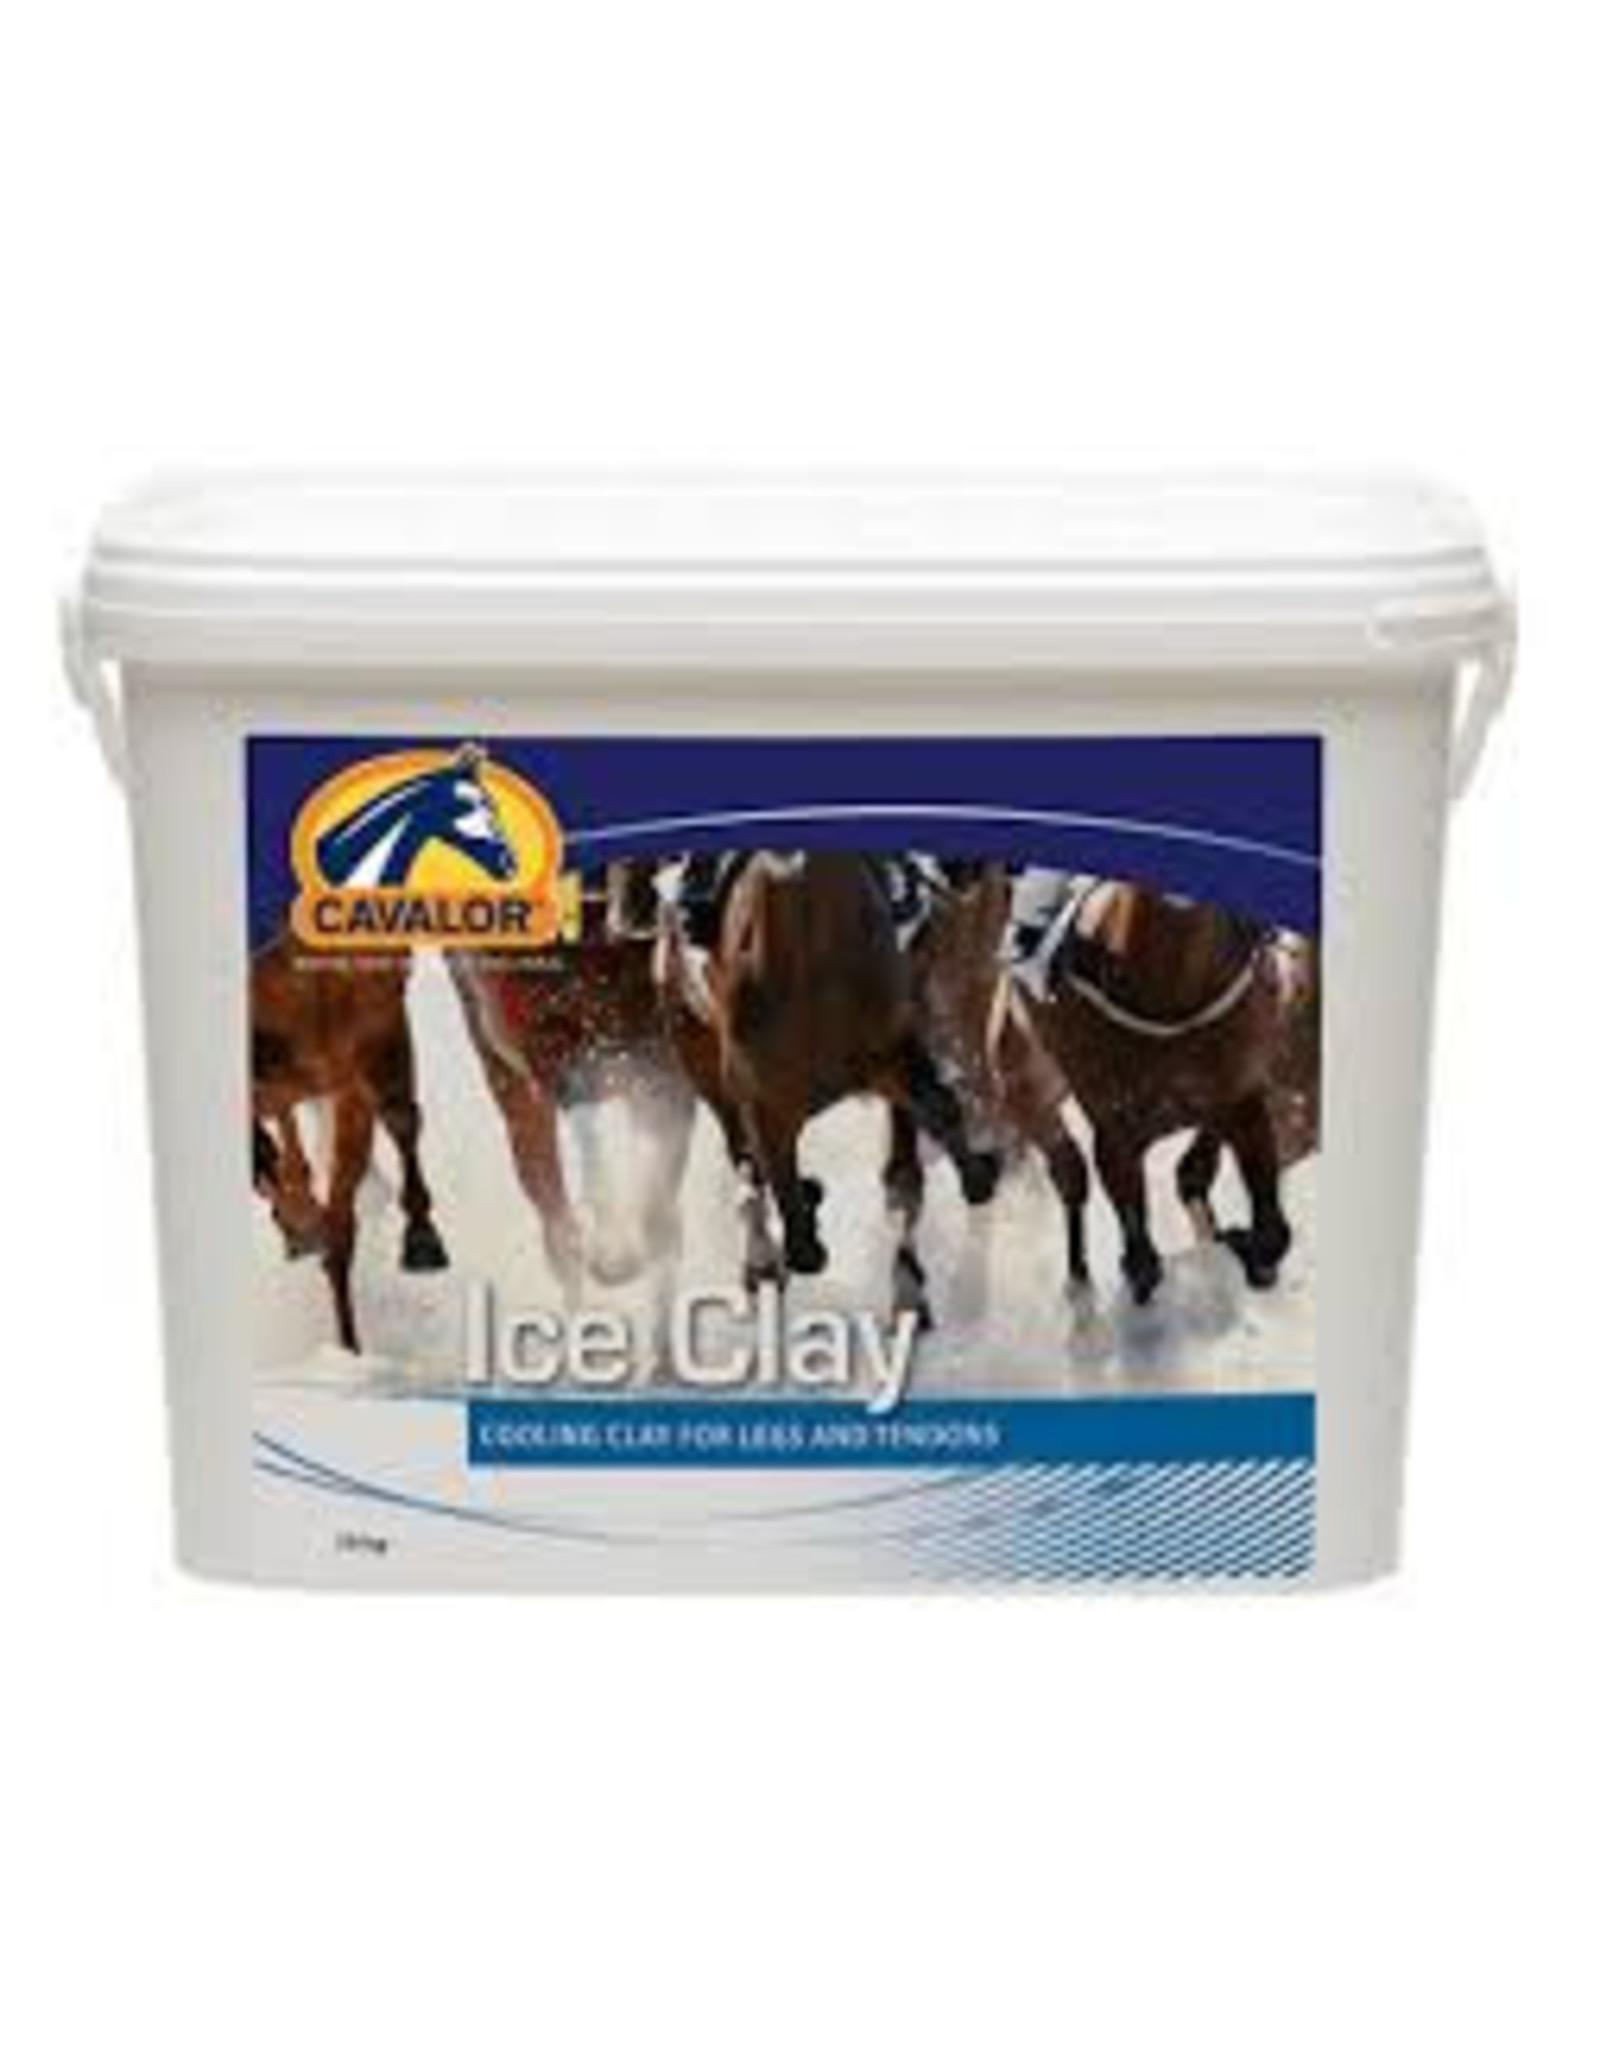 Cavalor Cavalor Ice Clay